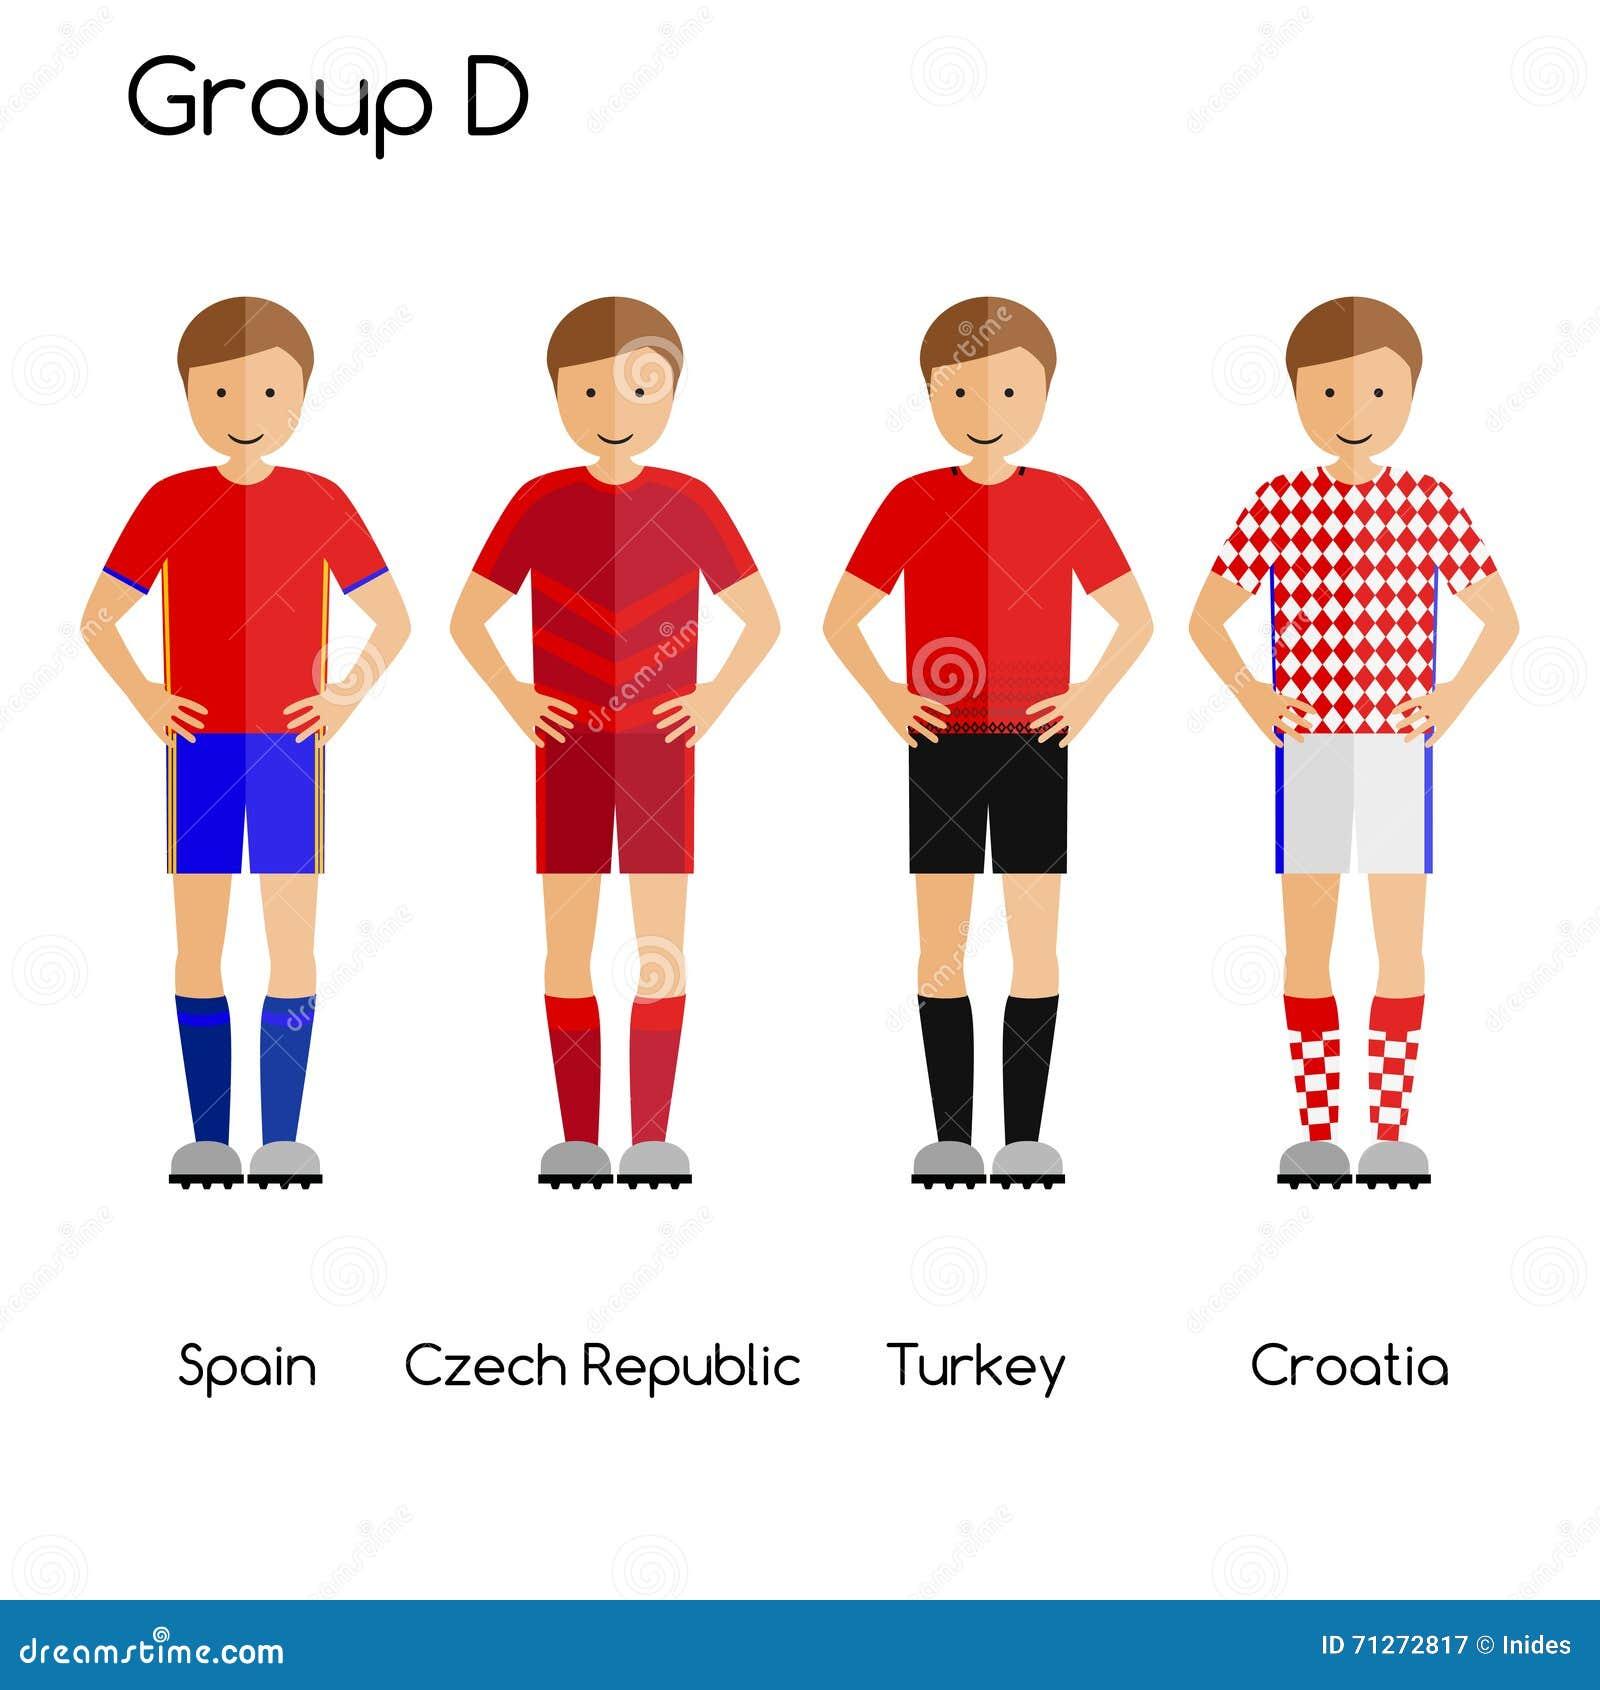 Football Team Players. Group D - Spain c4ab36e79